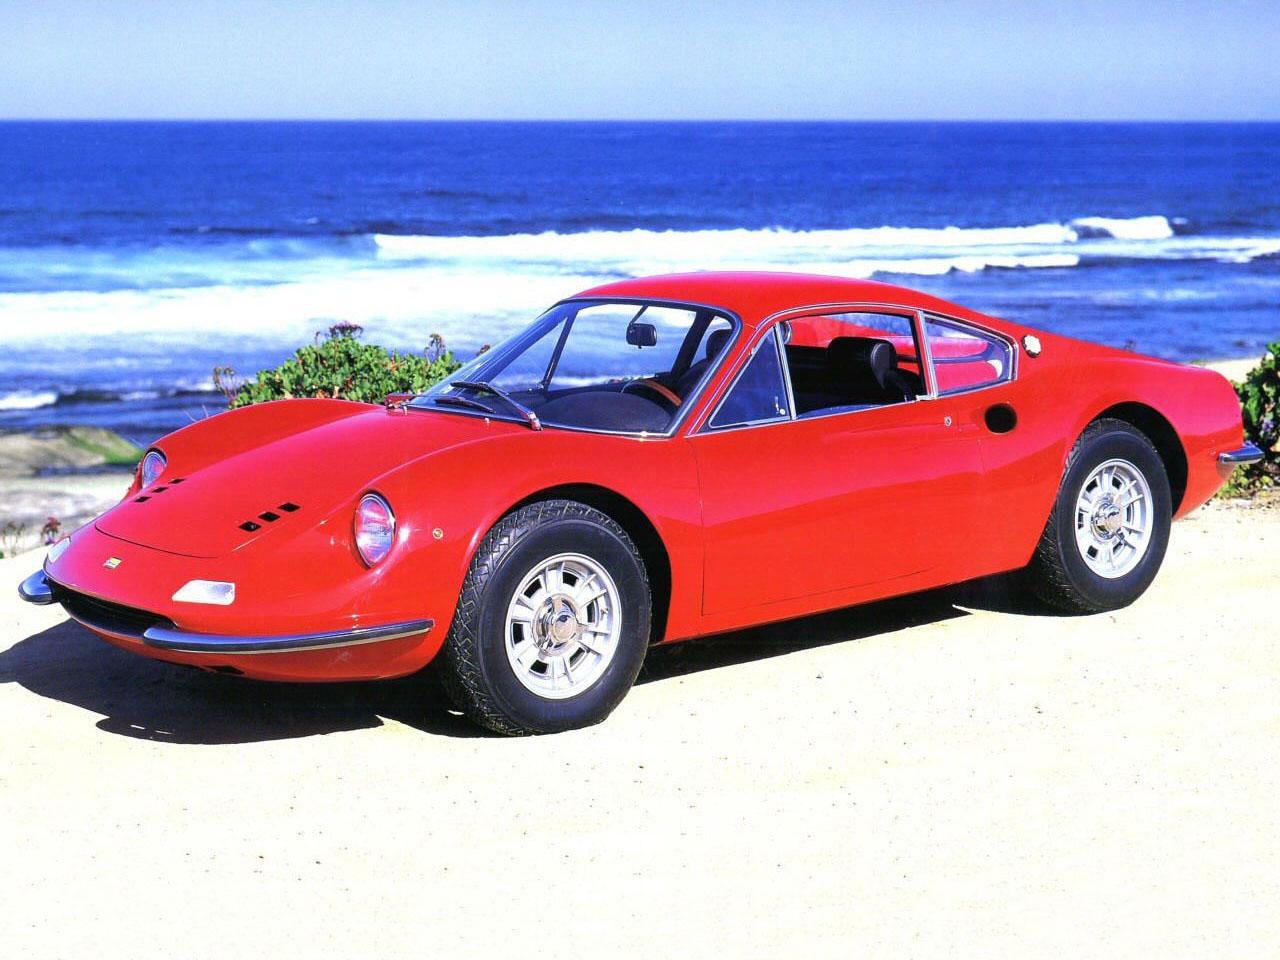 1967 Ferrari Dino 206/246 GT (Pininfarina) - Milestones on porsche macan, porsche replica cars, porsche women, porsche cabrio, porsche race girl, porsche art, porsche panamera, porsche gtp, porsche front, porsche cayenne, porsche gt4, porsche cayman, porsche calendar girls, porsche hd, porsche hatchback, porsche boxster, porsche future models, porsche electric car, porsche gt,